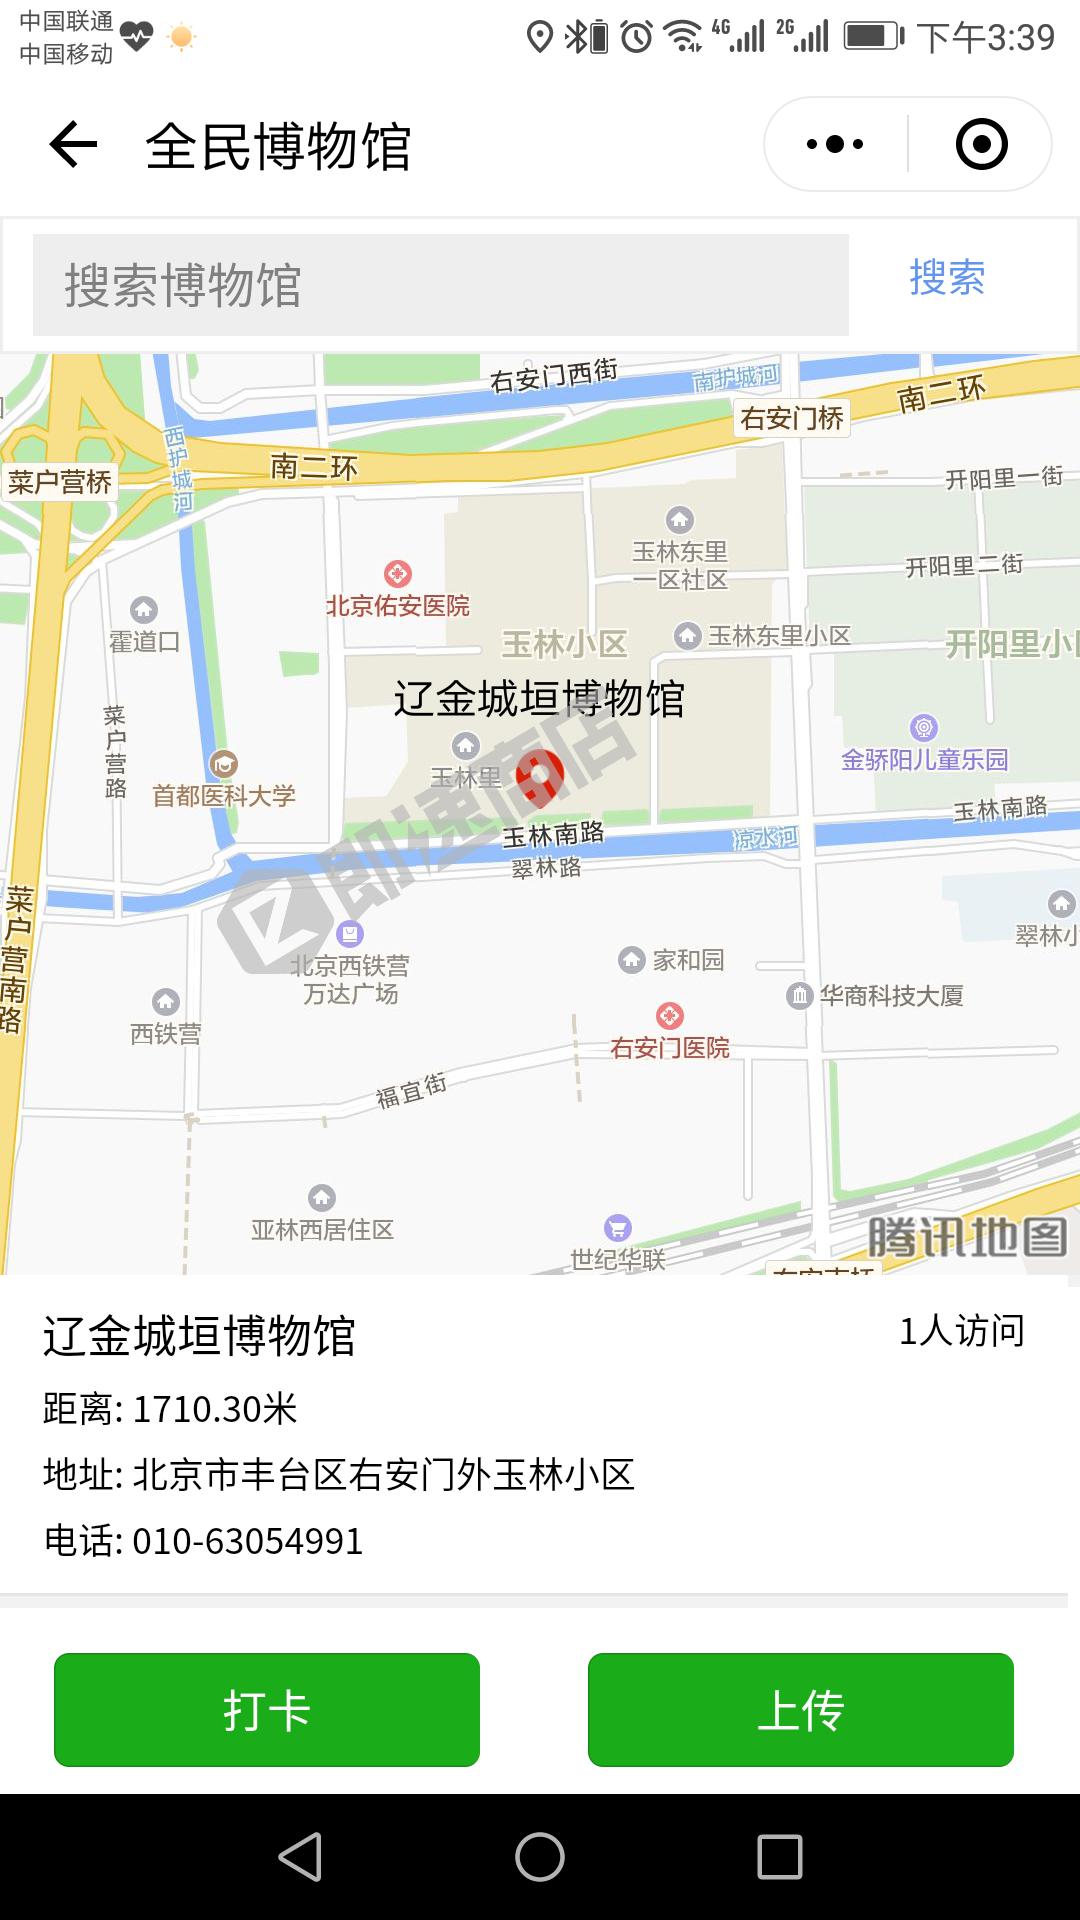 博物馆地图小程序列表页截图